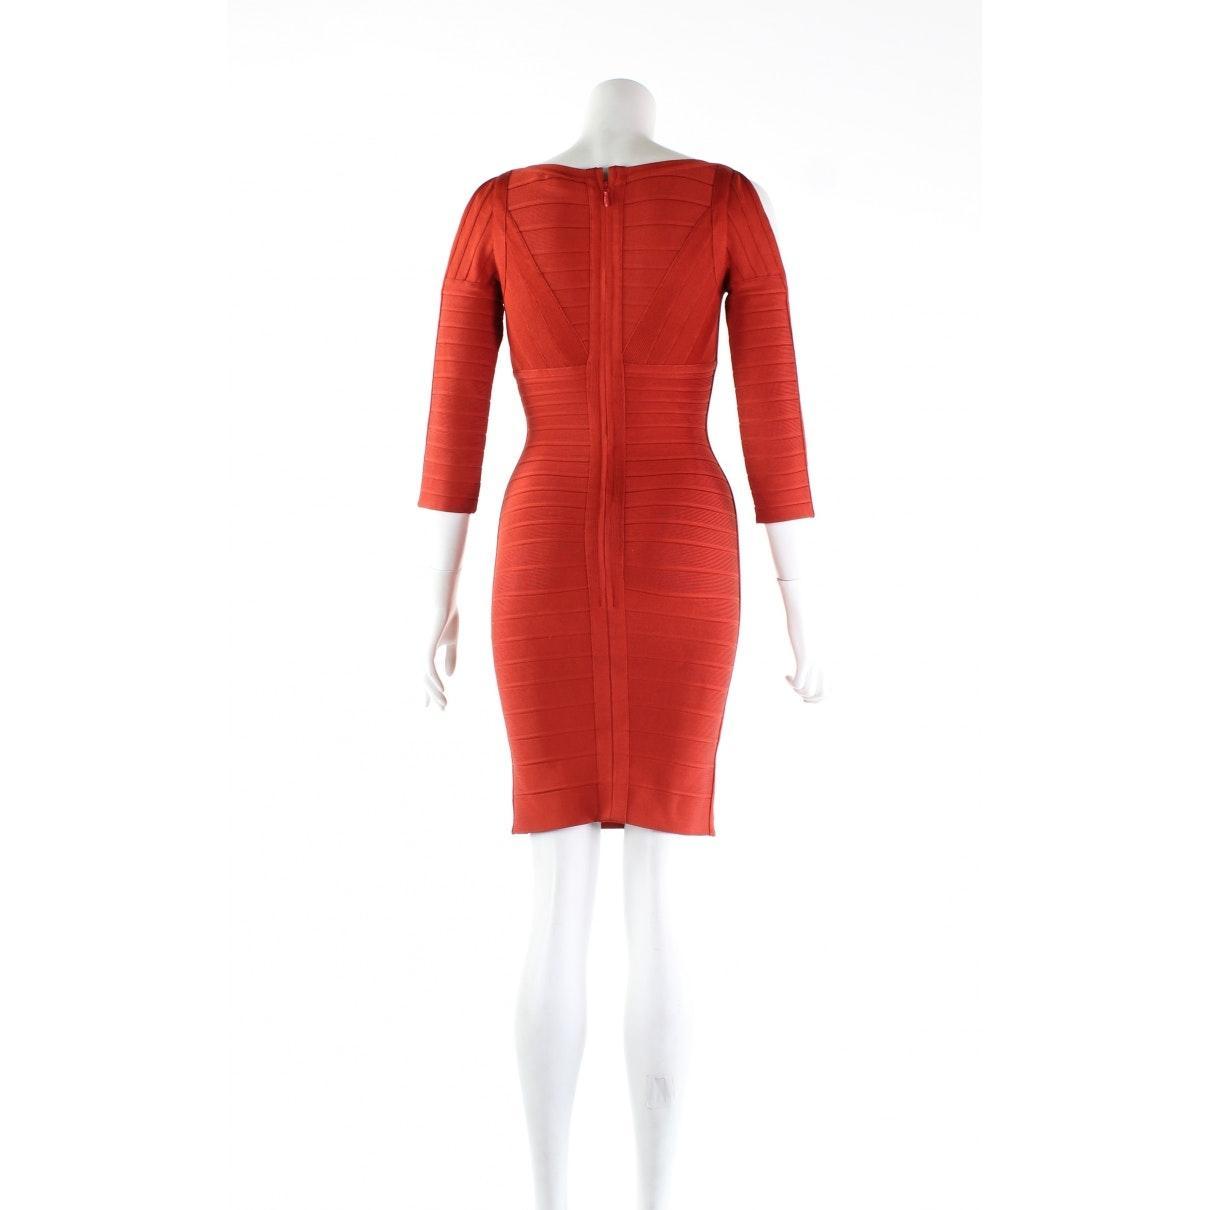 Robe N en Synthétique Orange Hervé Léger en coloris Rouge